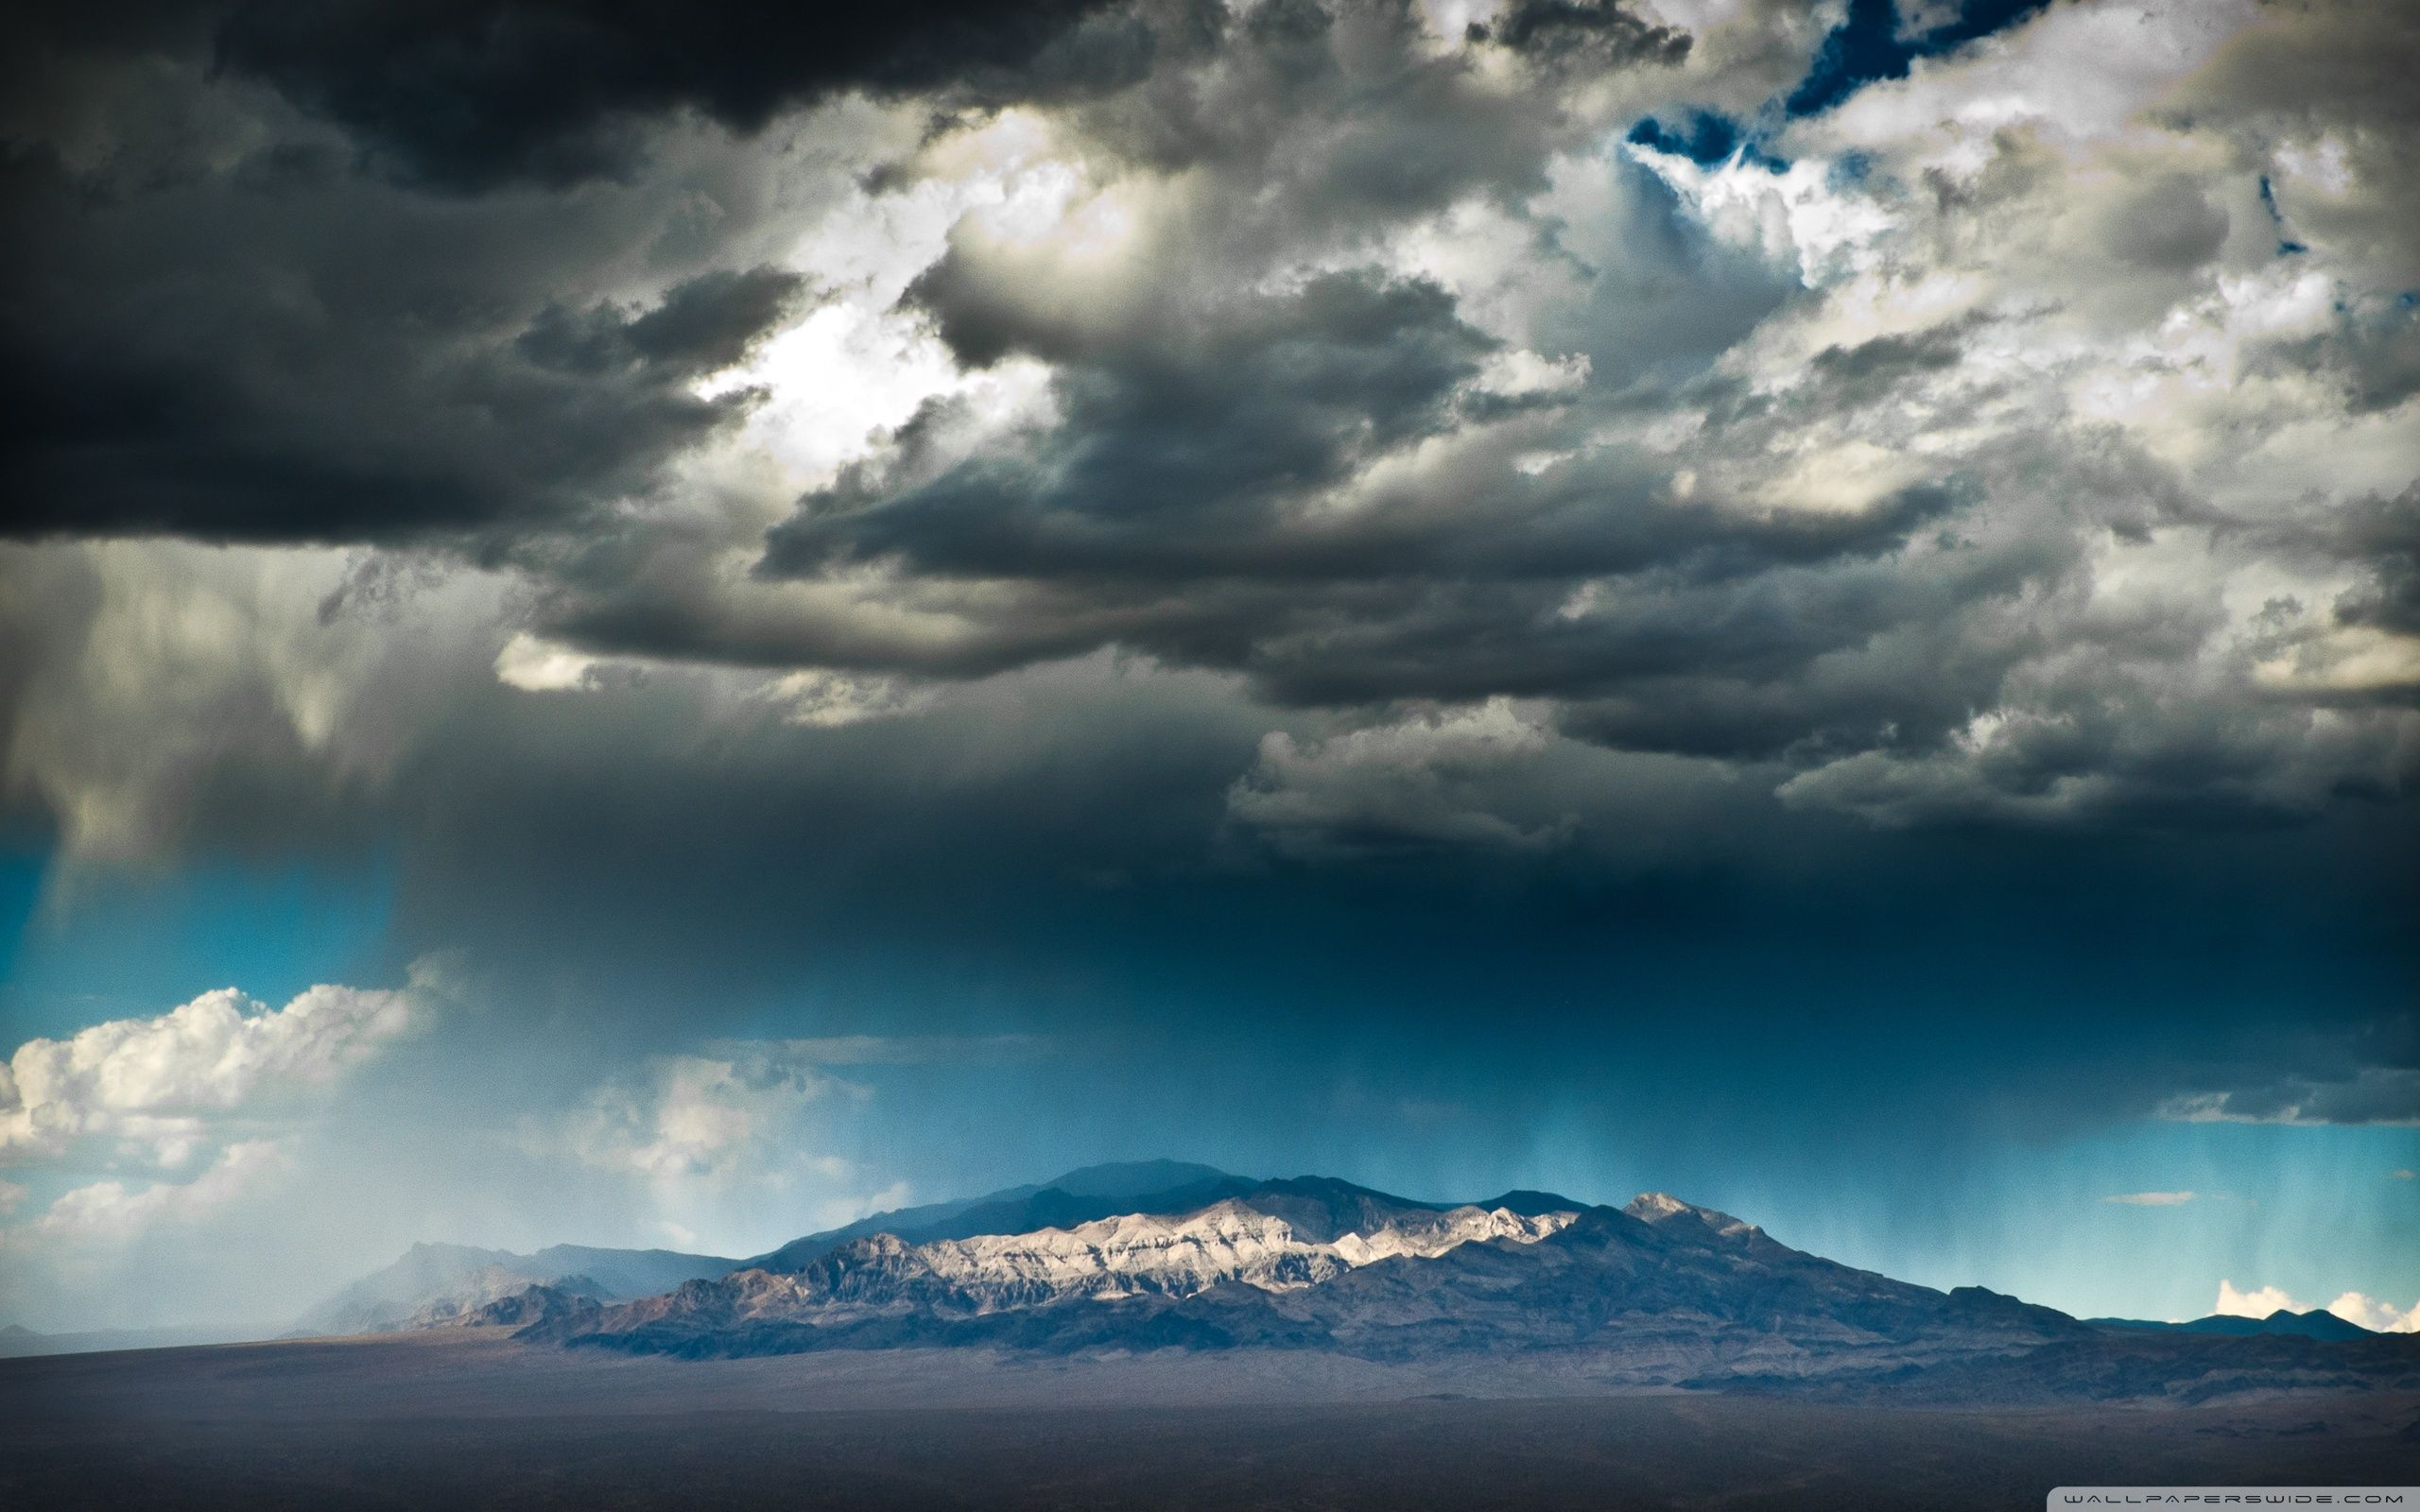 Mountain Rain Hd Wallpapers Top Free Mountain Rain Hd Backgrounds Wallpaperaccess